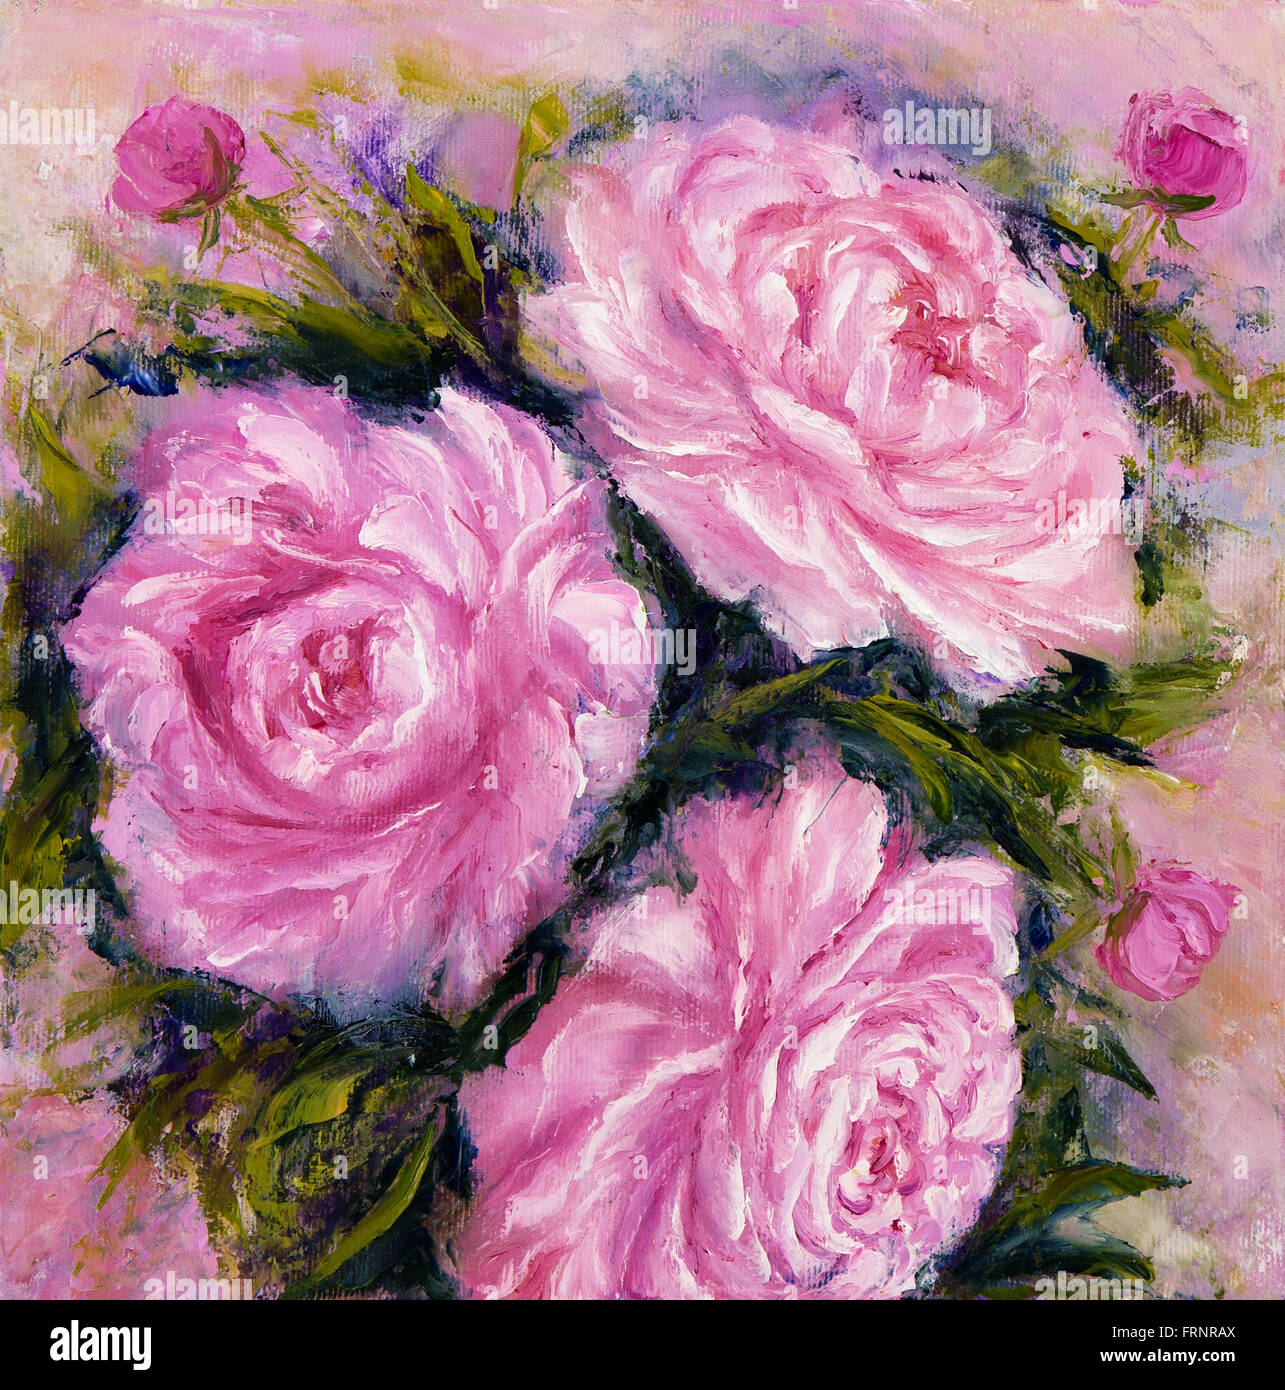 Peinture A L Huile Original Montrant Les Fleurs Rose Bouquet Genre